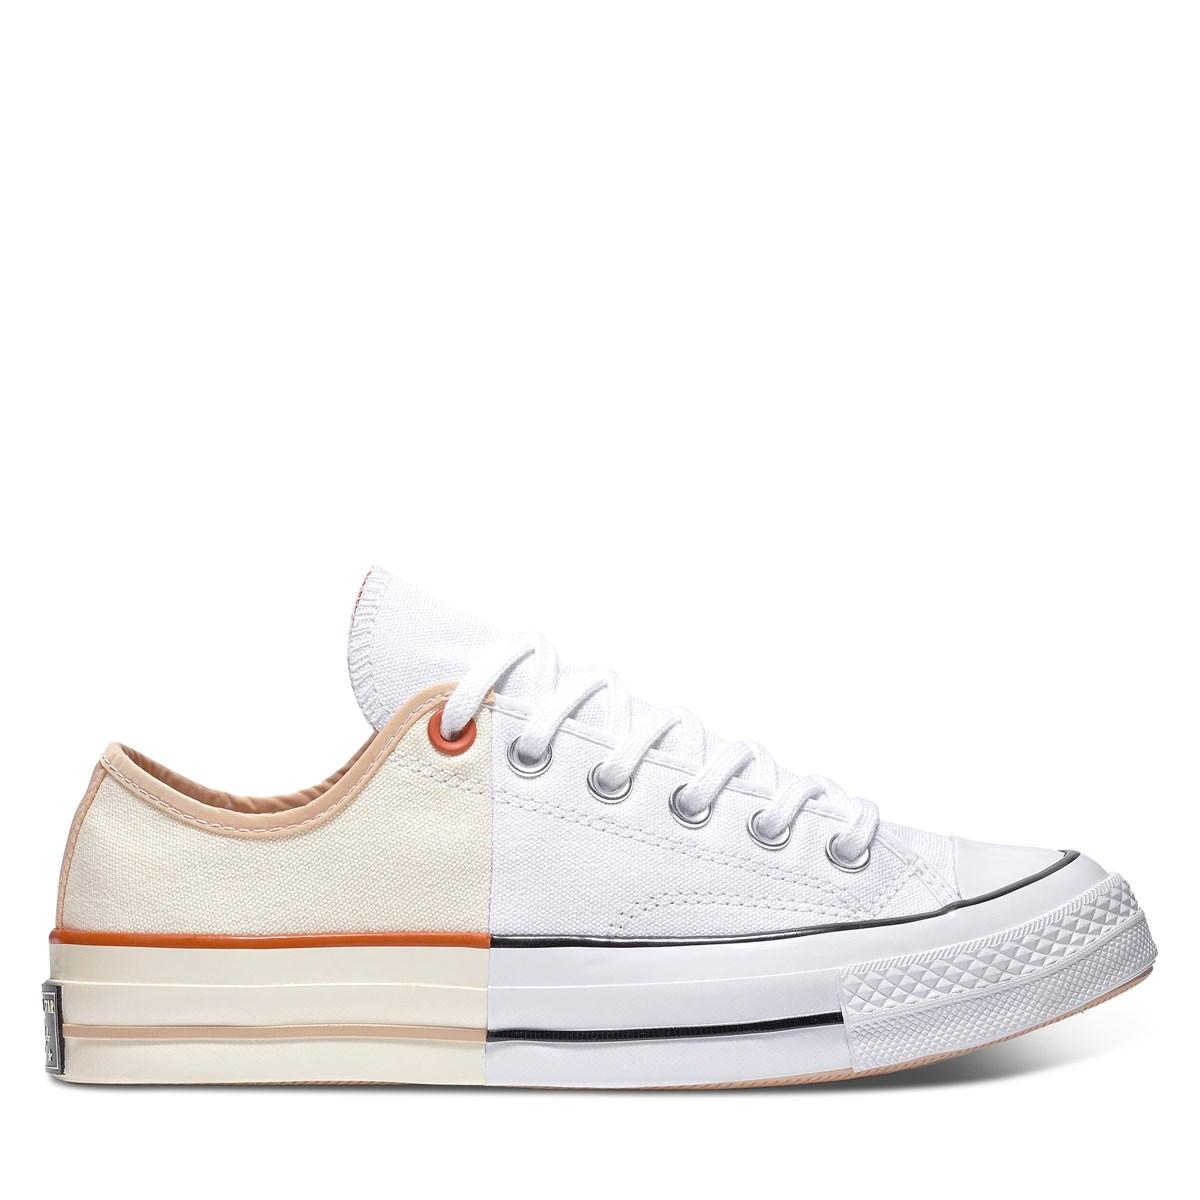 Women's Chuck 70 Ox Sneakers in White